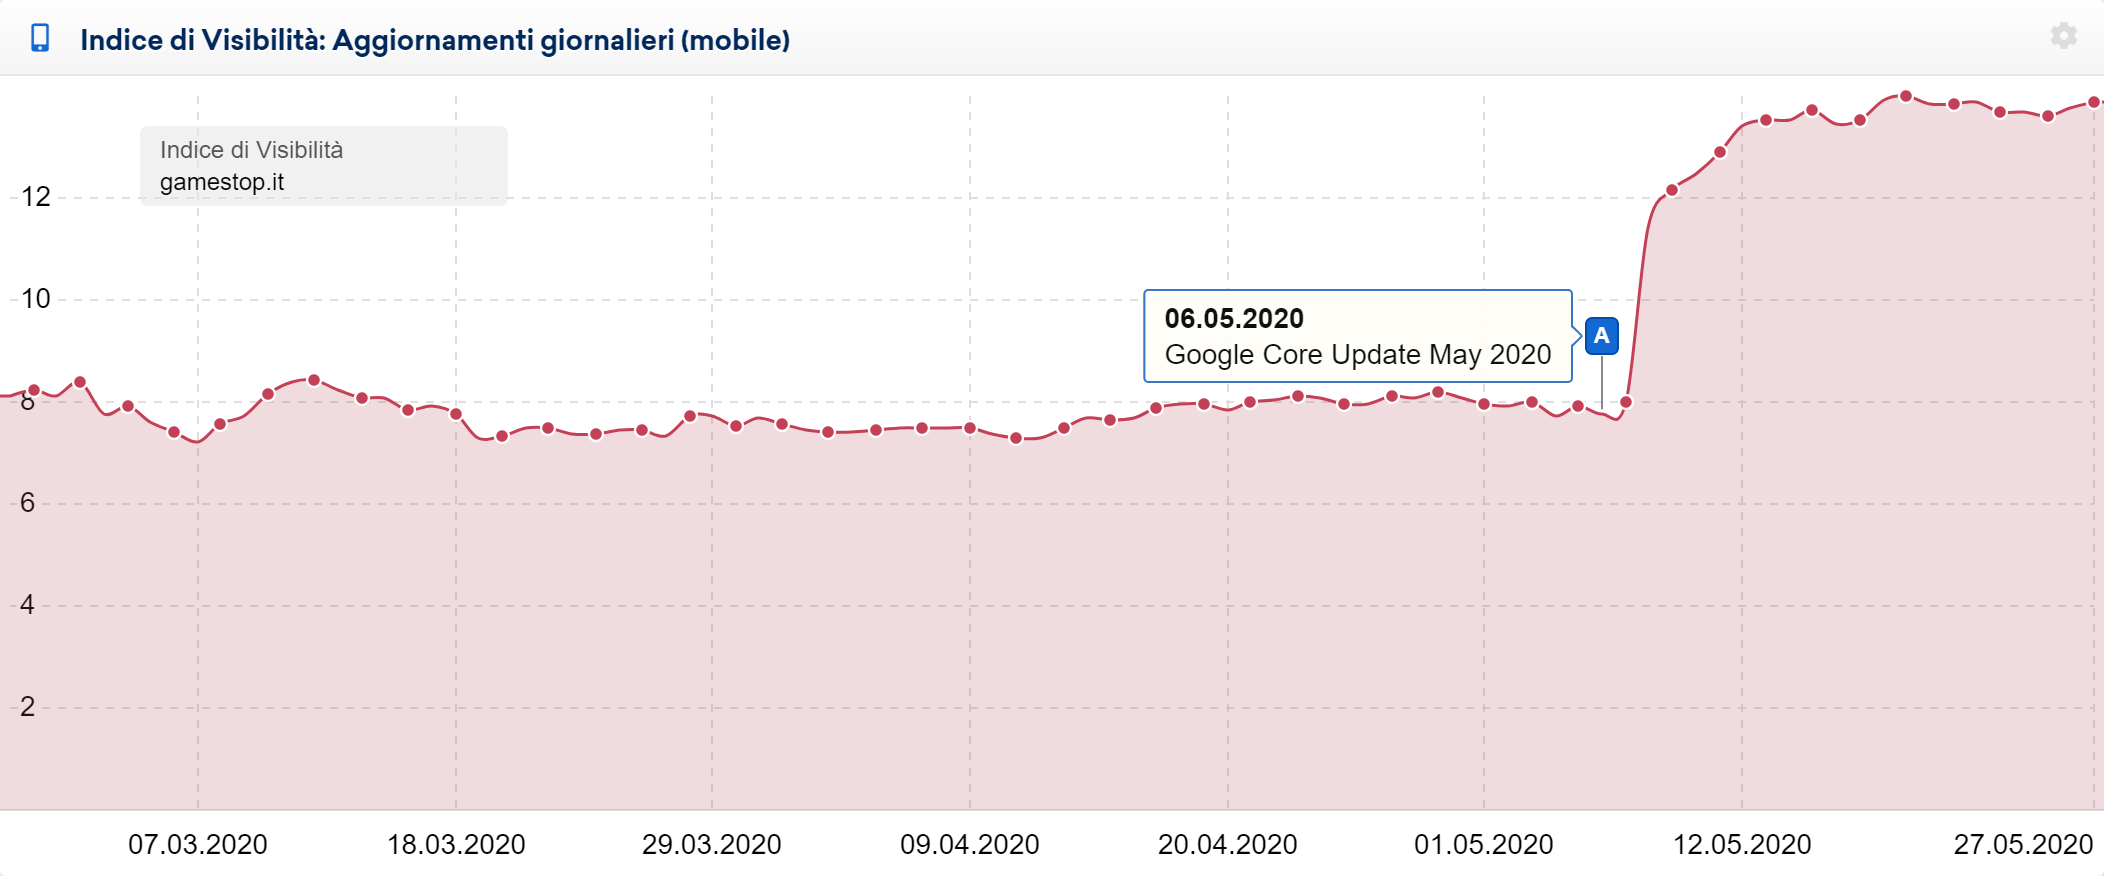 Indice di Visibilità di gamestop.it: effetto del May 2020 Core Update